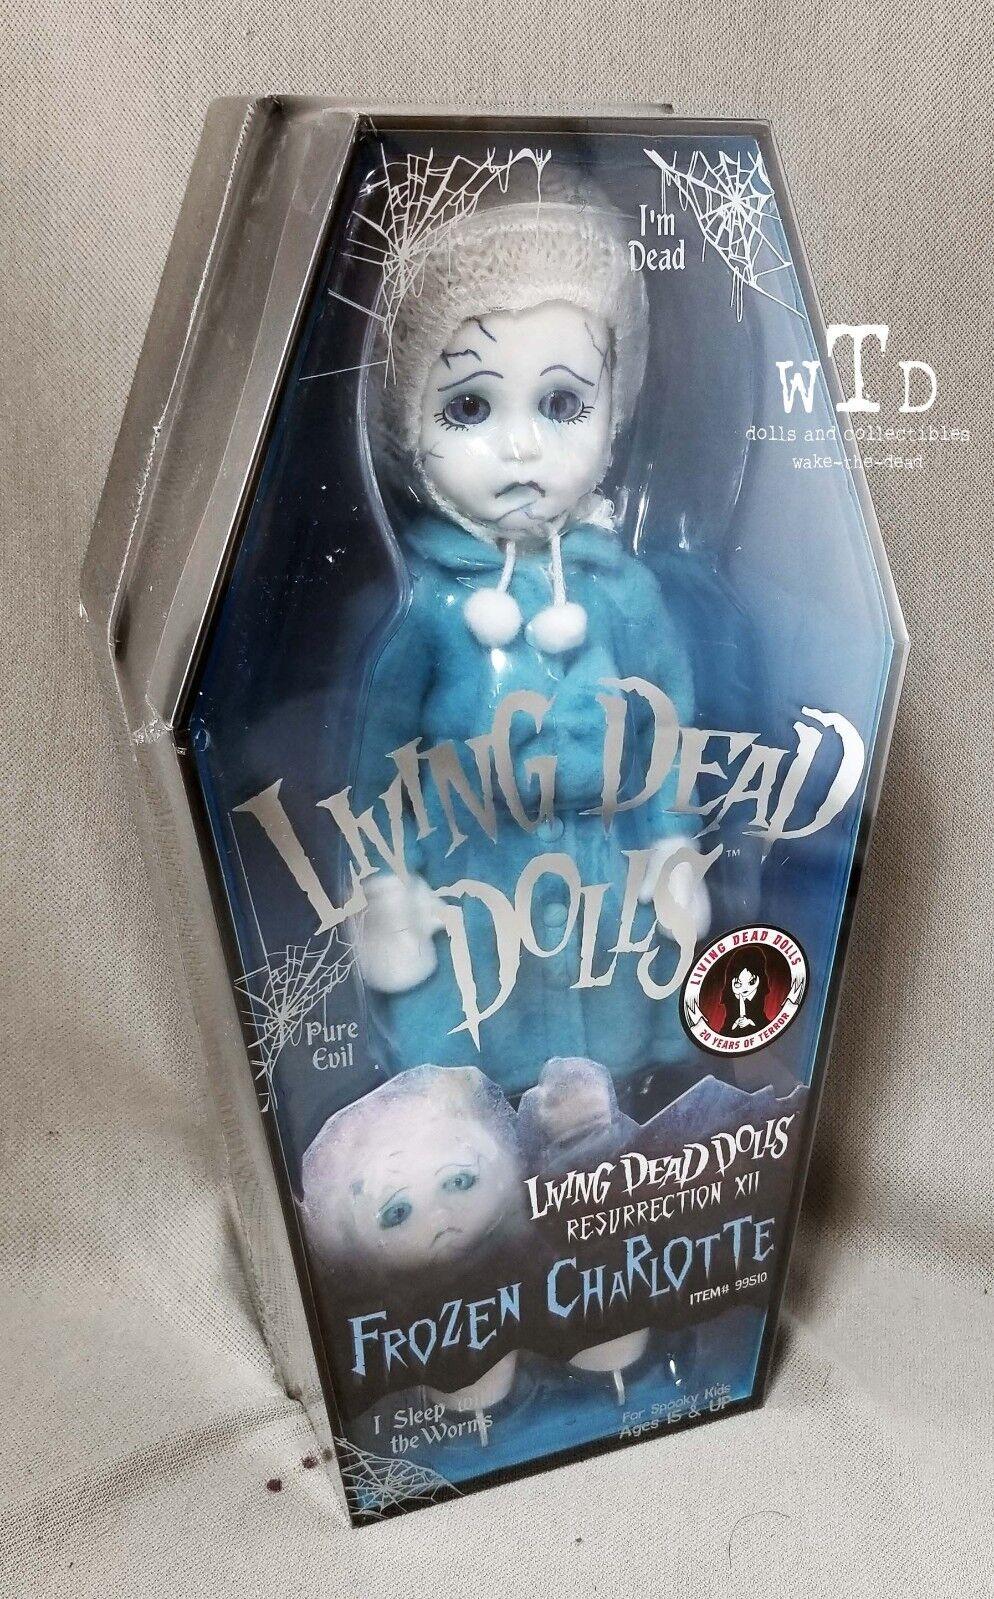 Ldd Living Dead Dolls  resurrección XII  Charlotte congelada  Sellado res 12